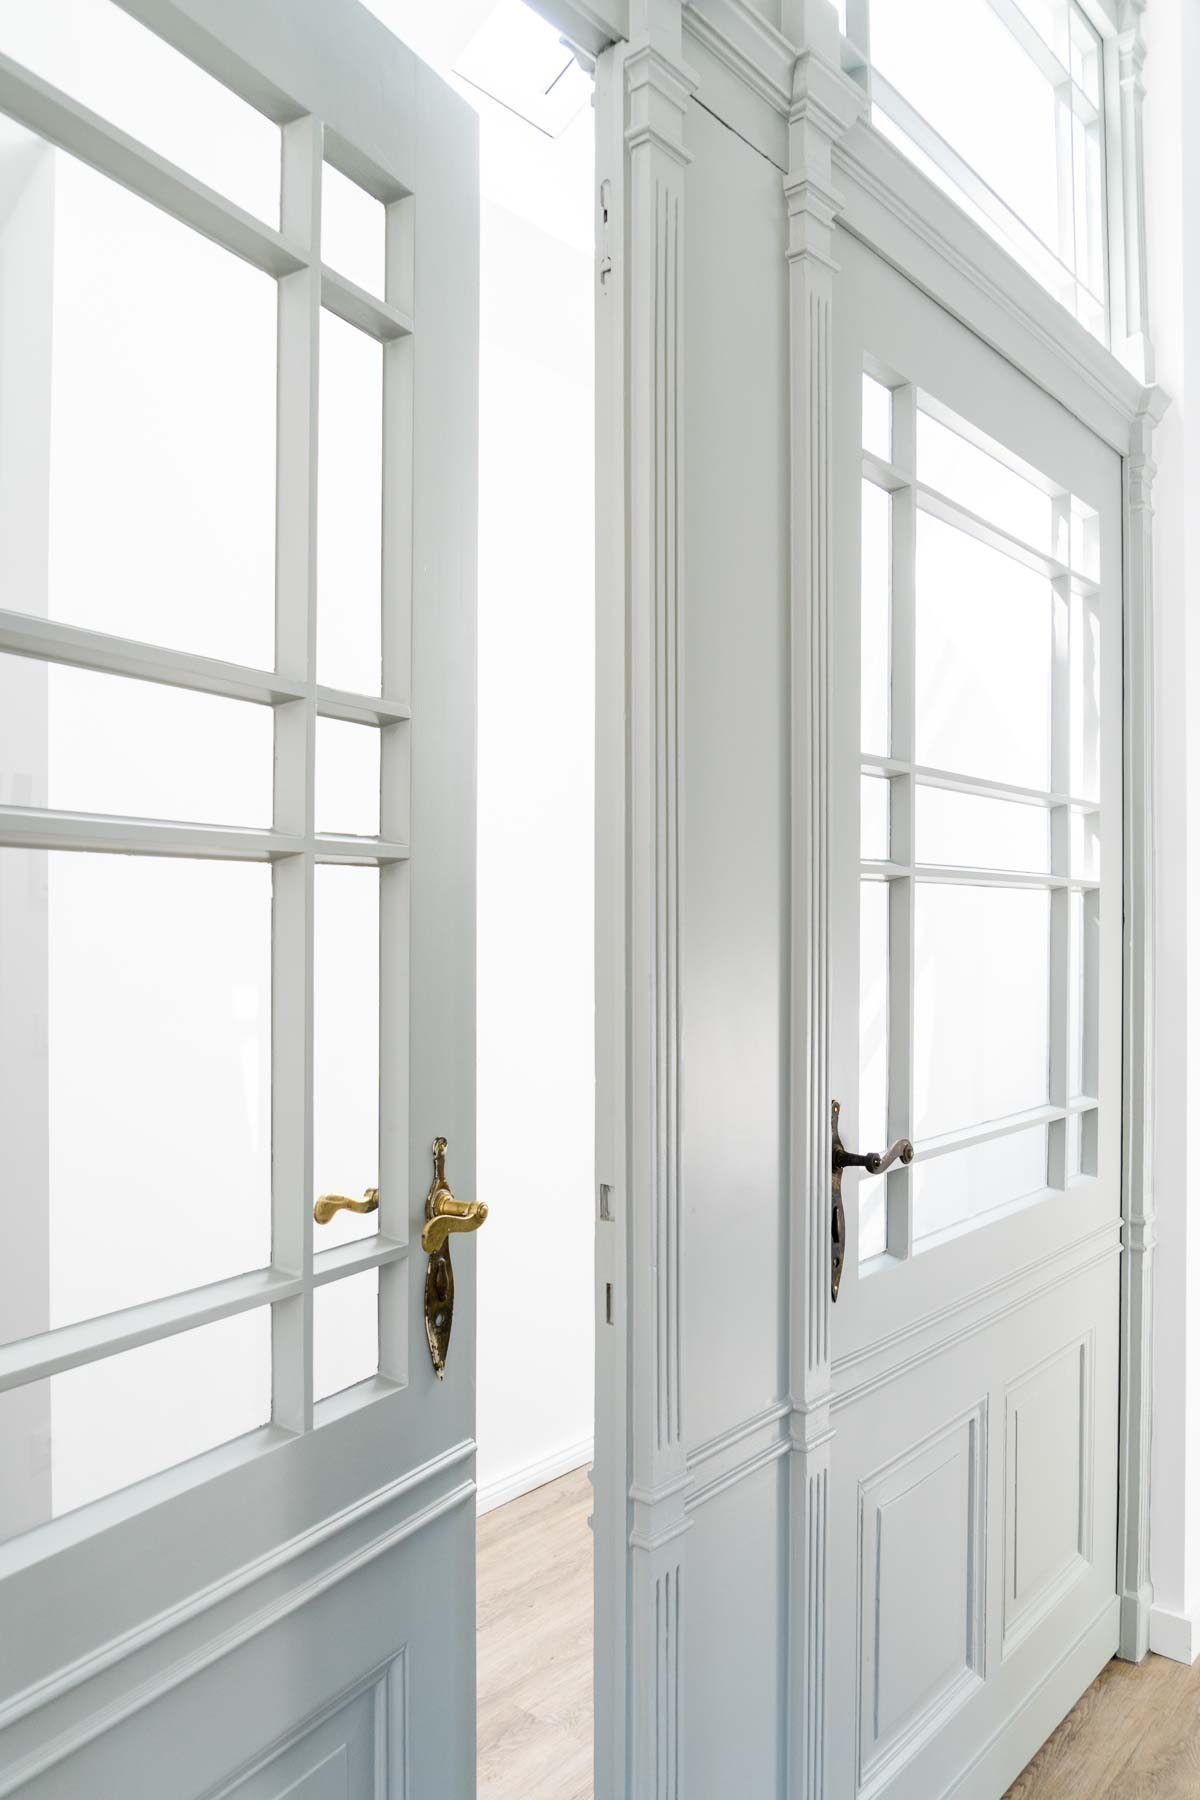 studiokubik-architektur-architecture-berlin-wohnungen-schenkendorf-059